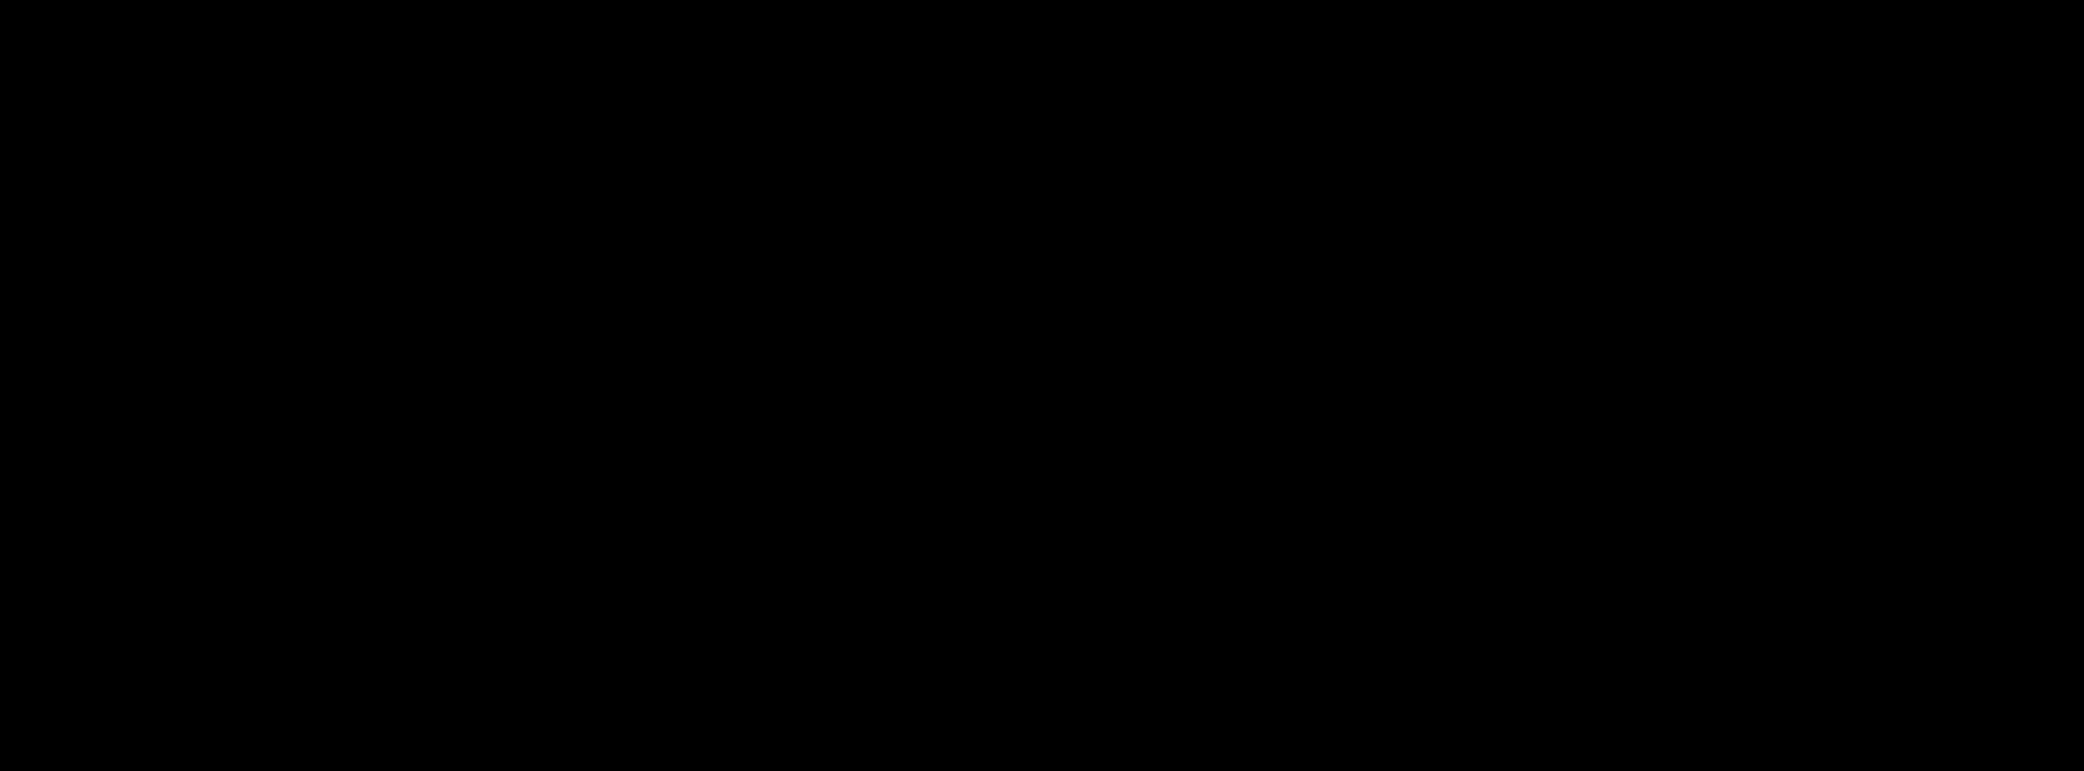 HV_Influencer_Logo_Blk